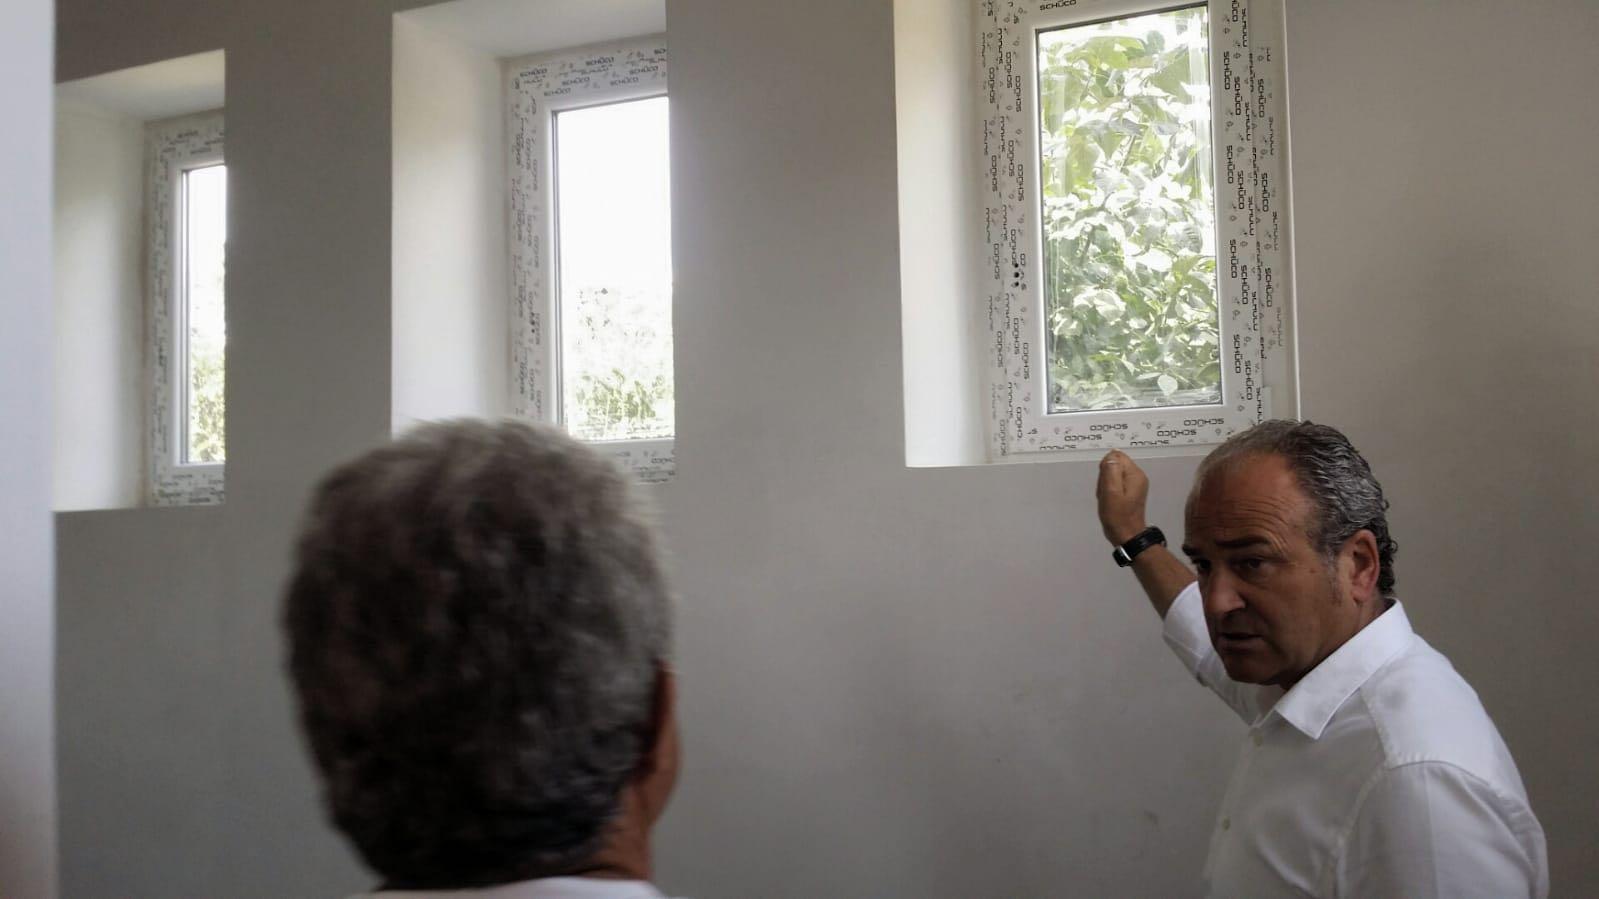 Os traballos de recuperación da antiga Escola Unitaria de Covelo, en Atios, a piques de rematar, logo da colocación das novas fiestras, portas e persianas